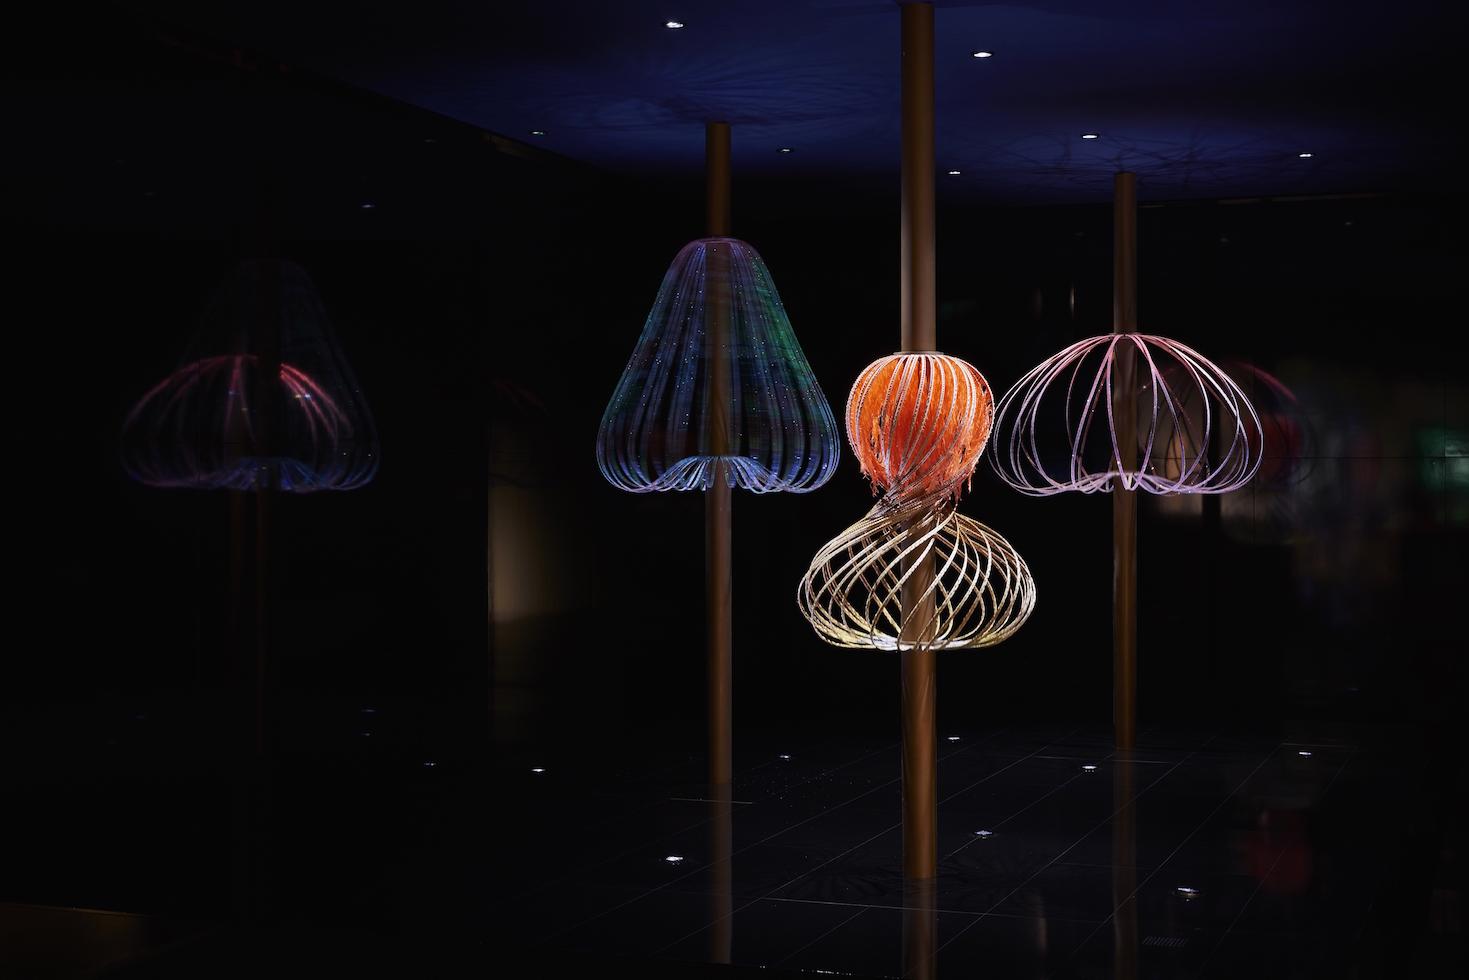 今年會在場館門口擺放由英籍華裔設計師吳燕玲(Elaine)的互動藝術裝置《Sundew》,吸引大家眼球。